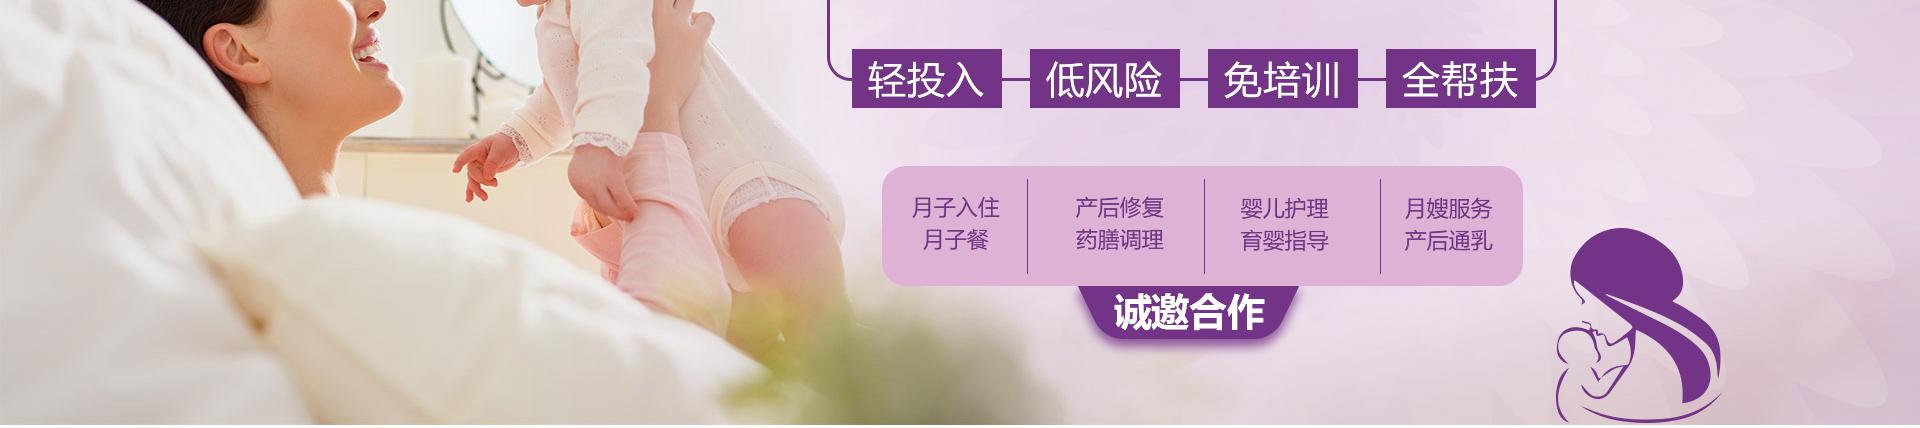 玺月荟母婴护理中心 xyh_02